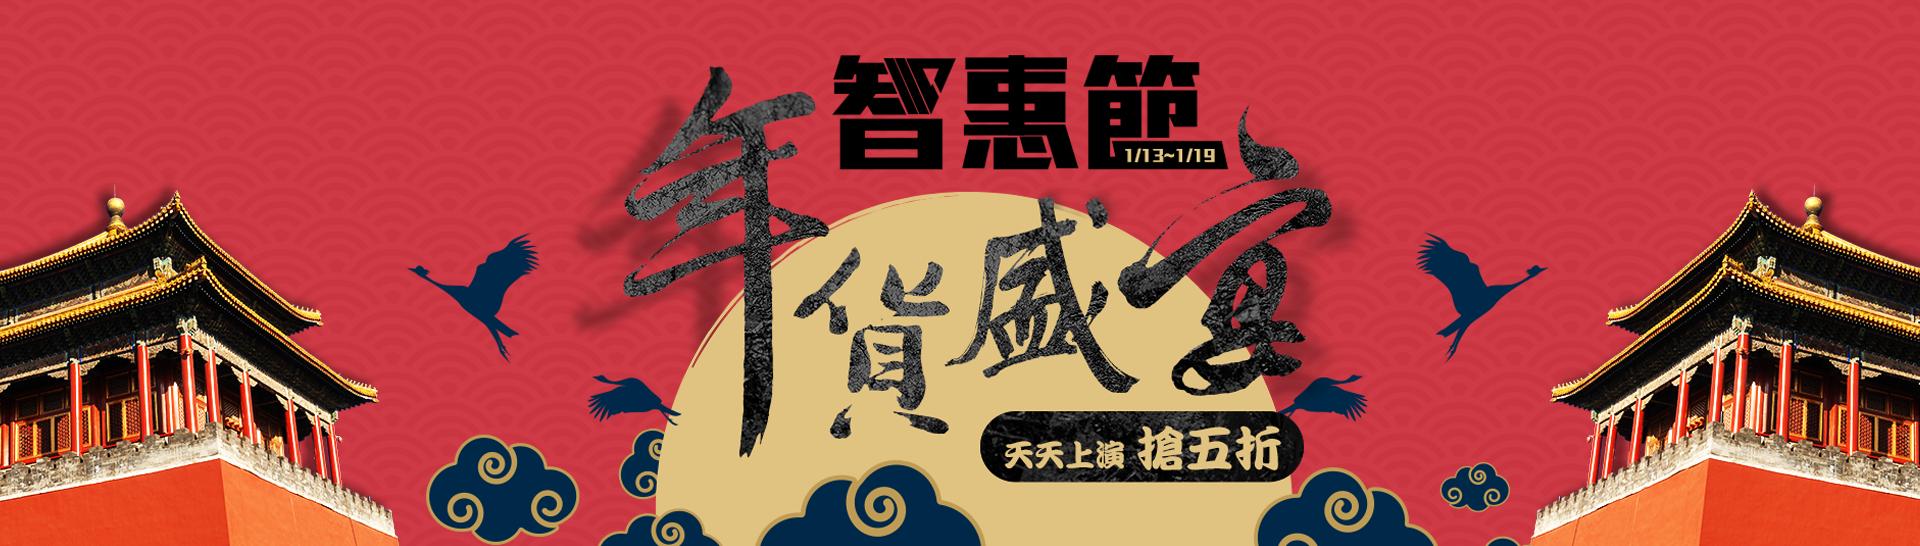 1/13-1/19智惠節|年貨盛宴|WitsPer智選家